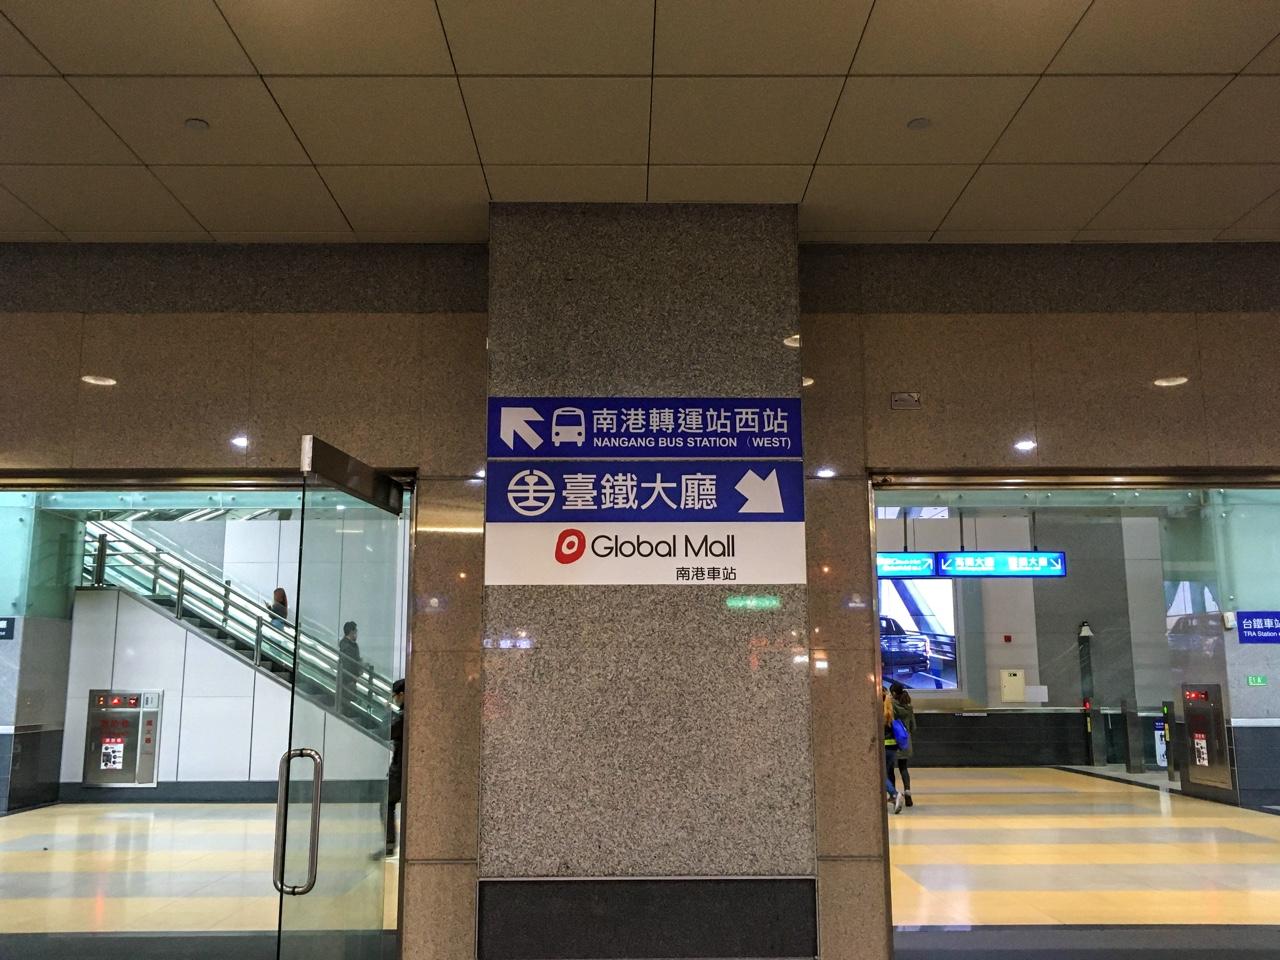 Global Mallの連絡通路